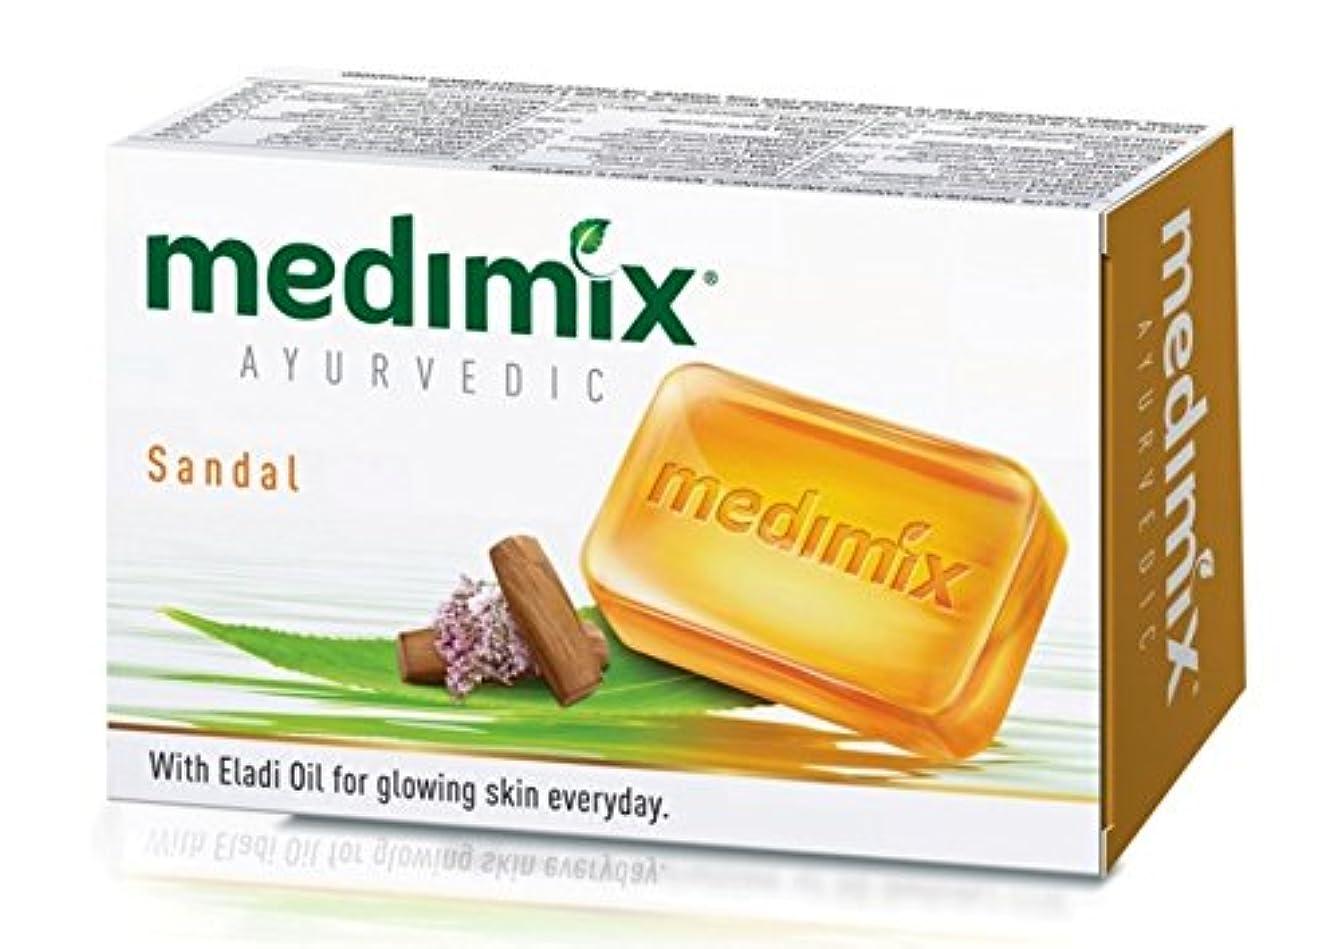 肘惑星サーキュレーション【medimix国内正規品】メディミックス Sandal ハーブから作られたオーガニック石鹸